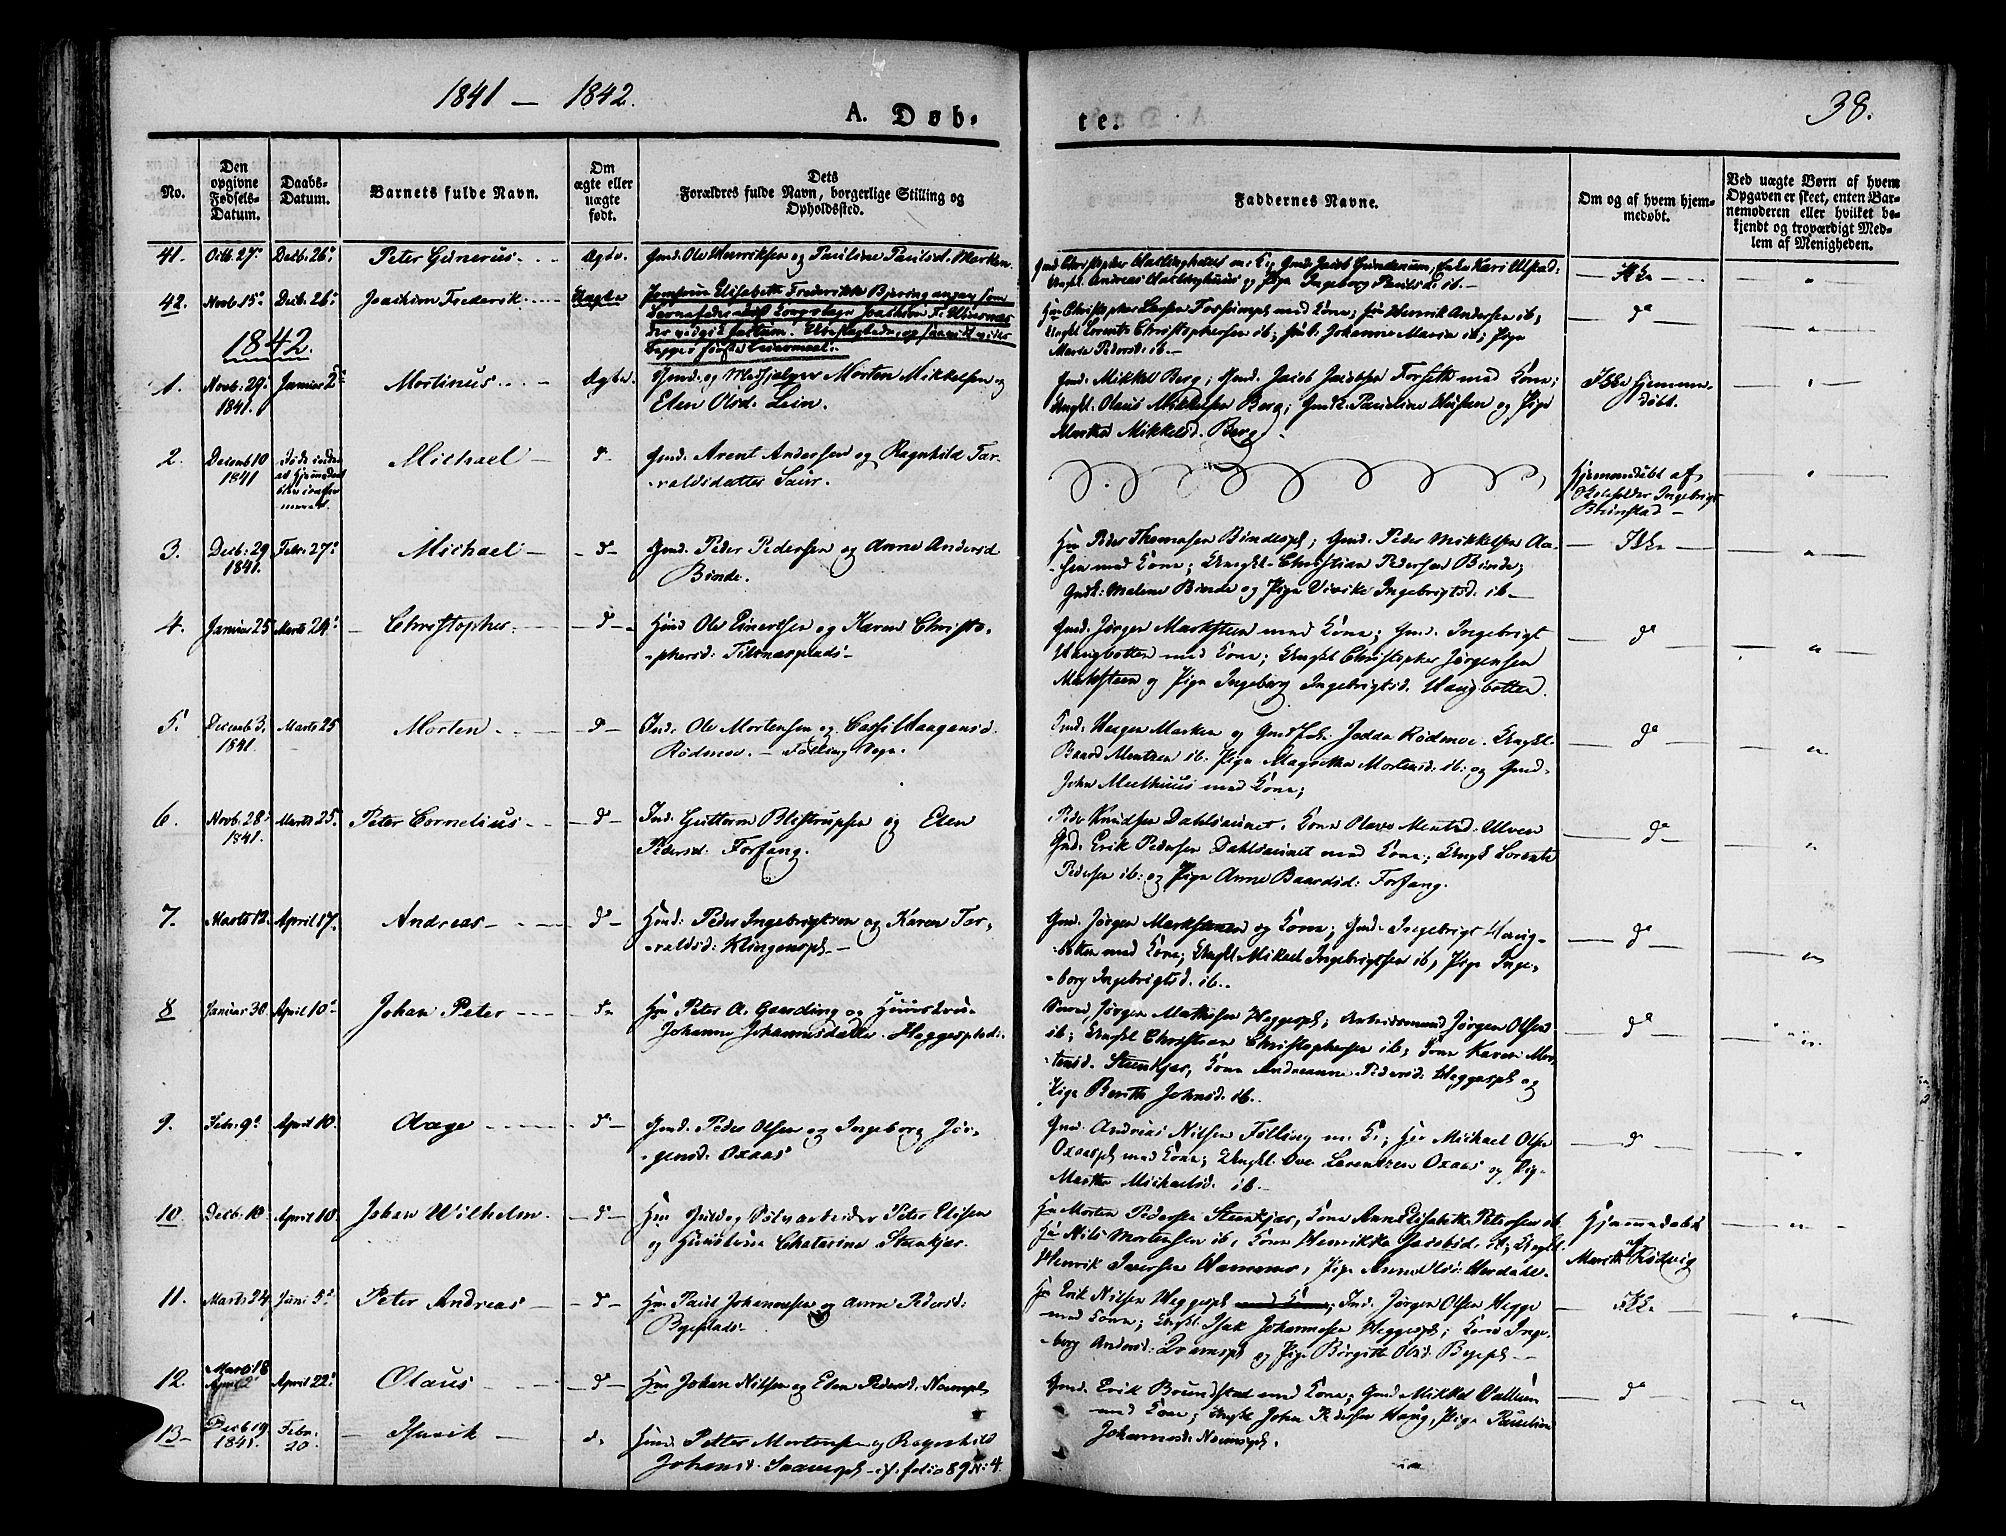 SAT, Ministerialprotokoller, klokkerbøker og fødselsregistre - Nord-Trøndelag, 746/L0445: Ministerialbok nr. 746A04, 1826-1846, s. 38